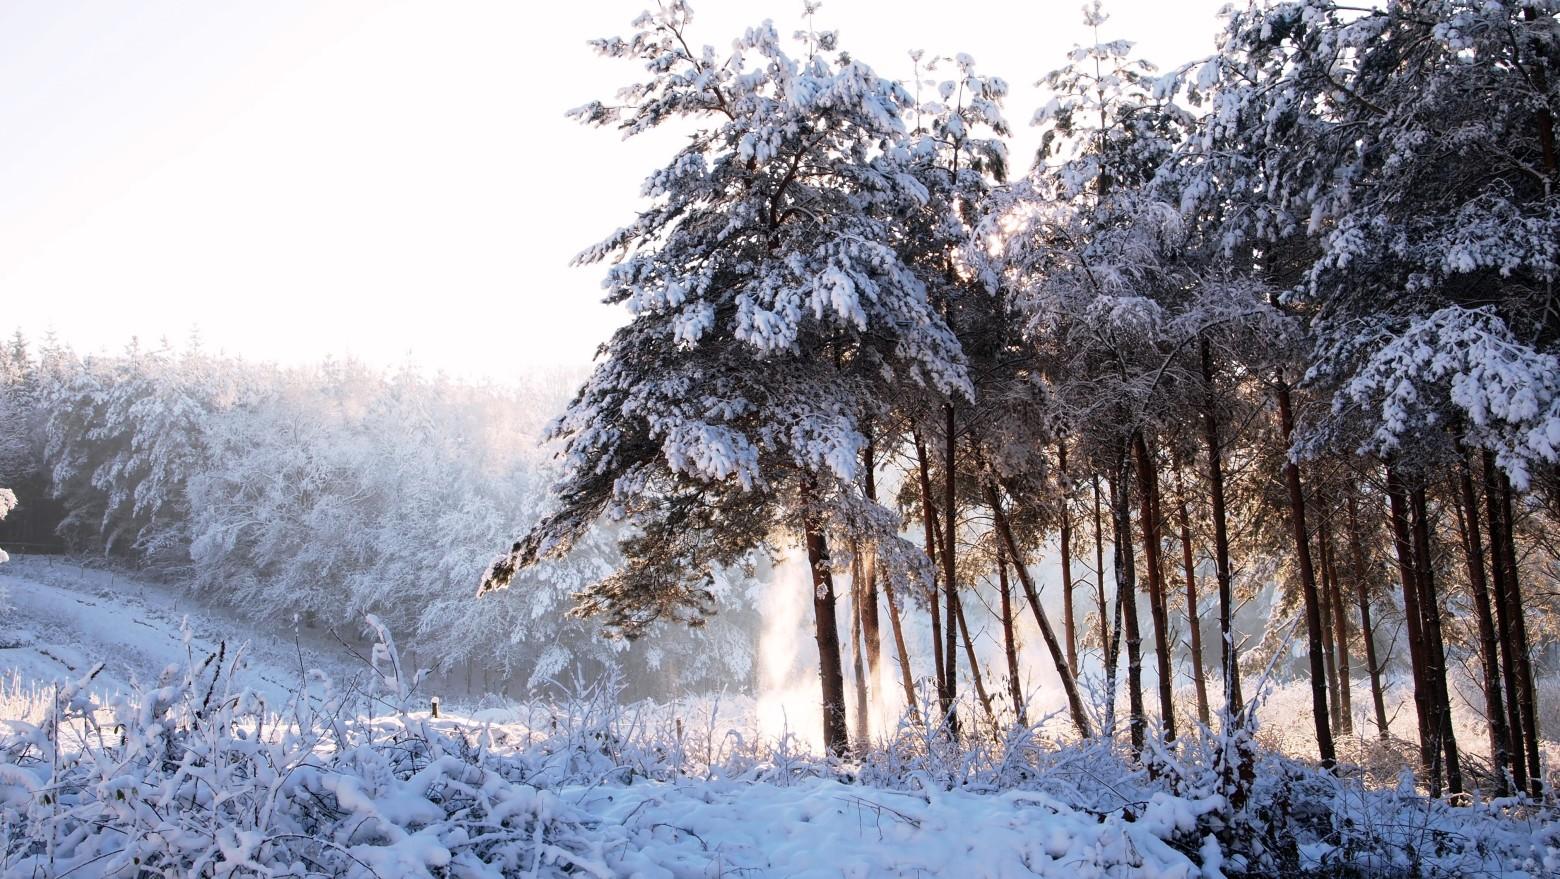 Hiver neige for t photos gratuites images gratuites et - Photos de neige gratuites ...